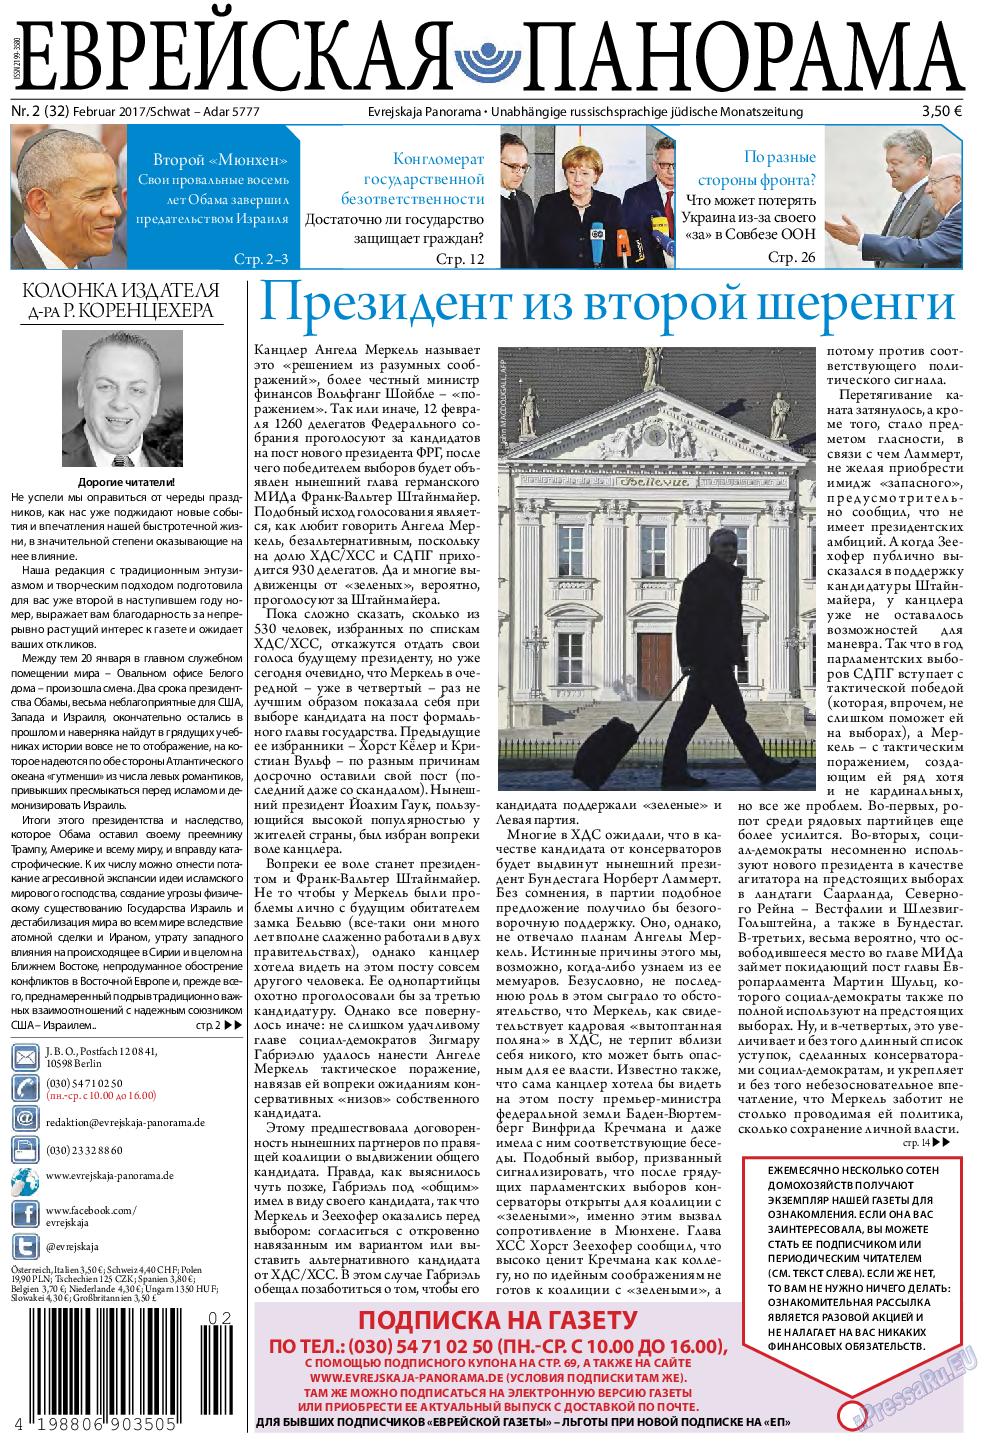 Еврейская панорама (газета). 2017 год, номер 2, стр. 1